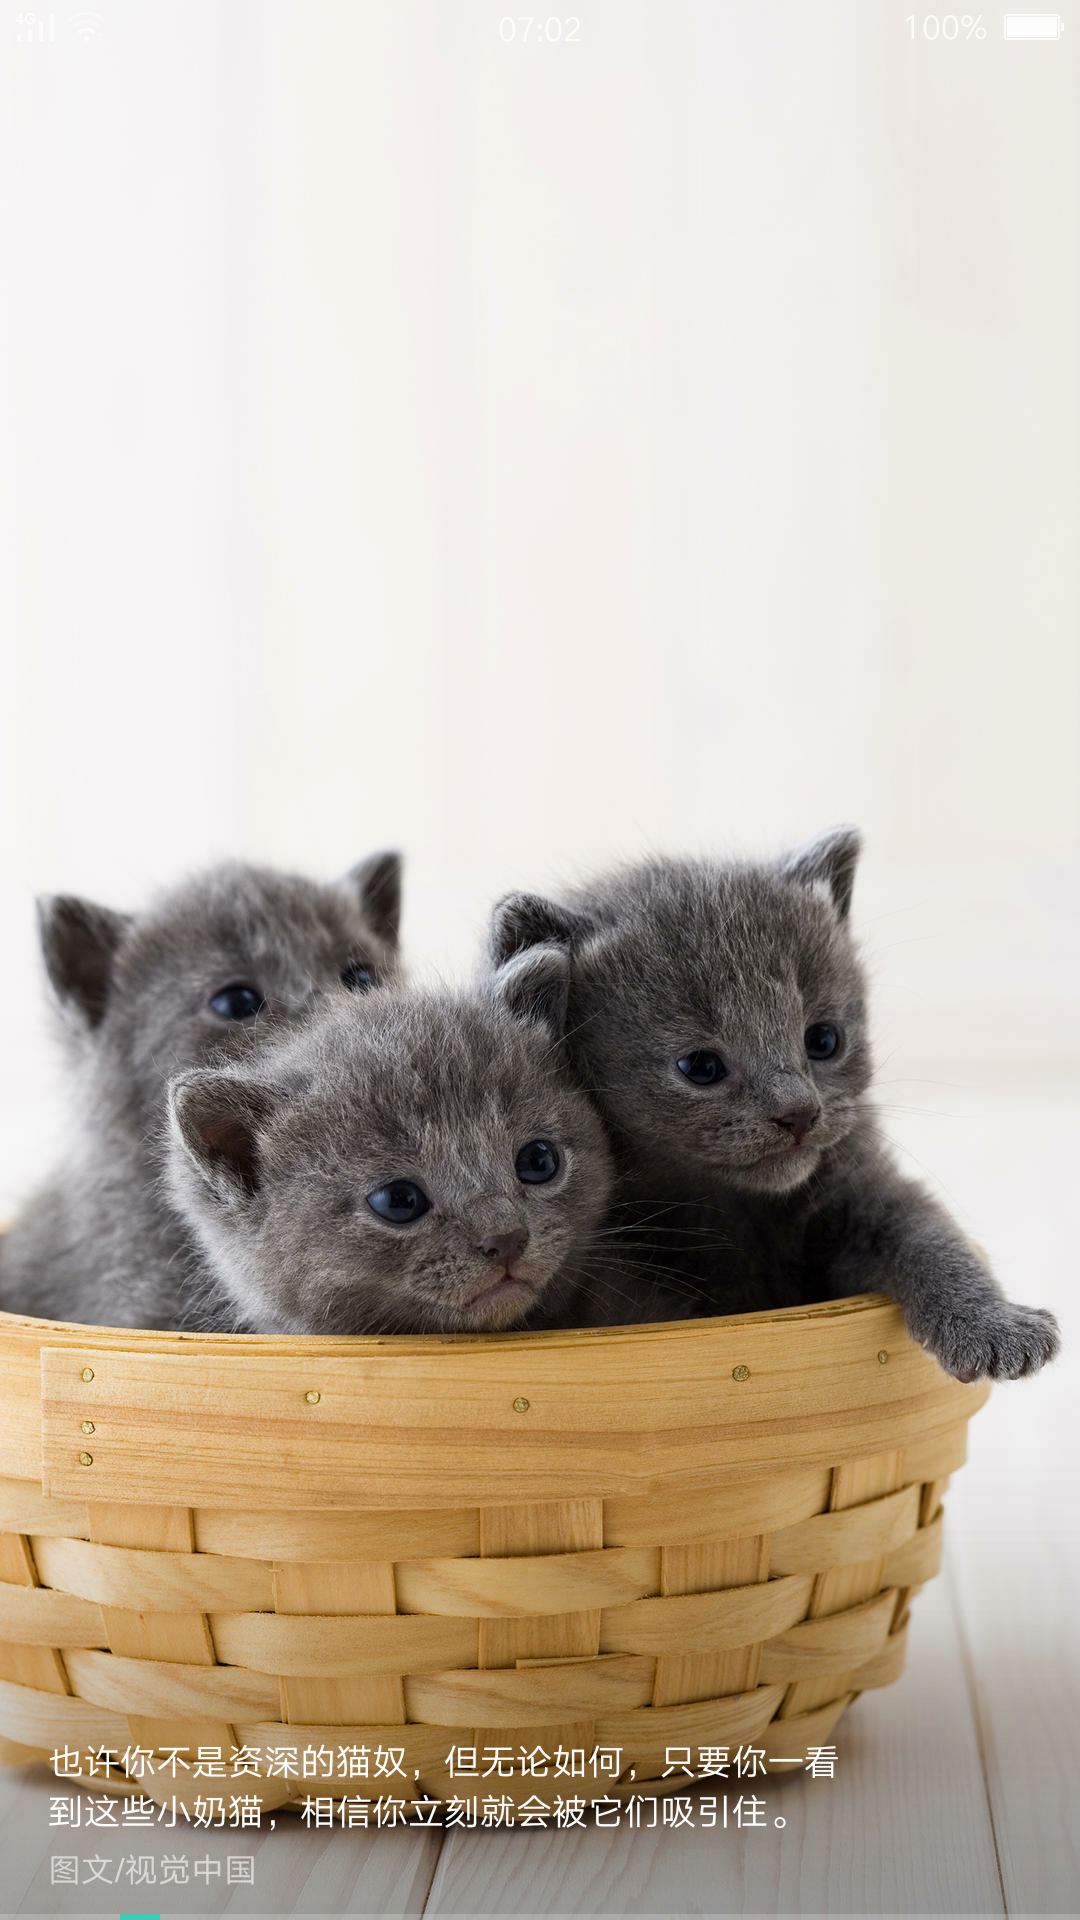 猫咪是世界上最可爱的动物